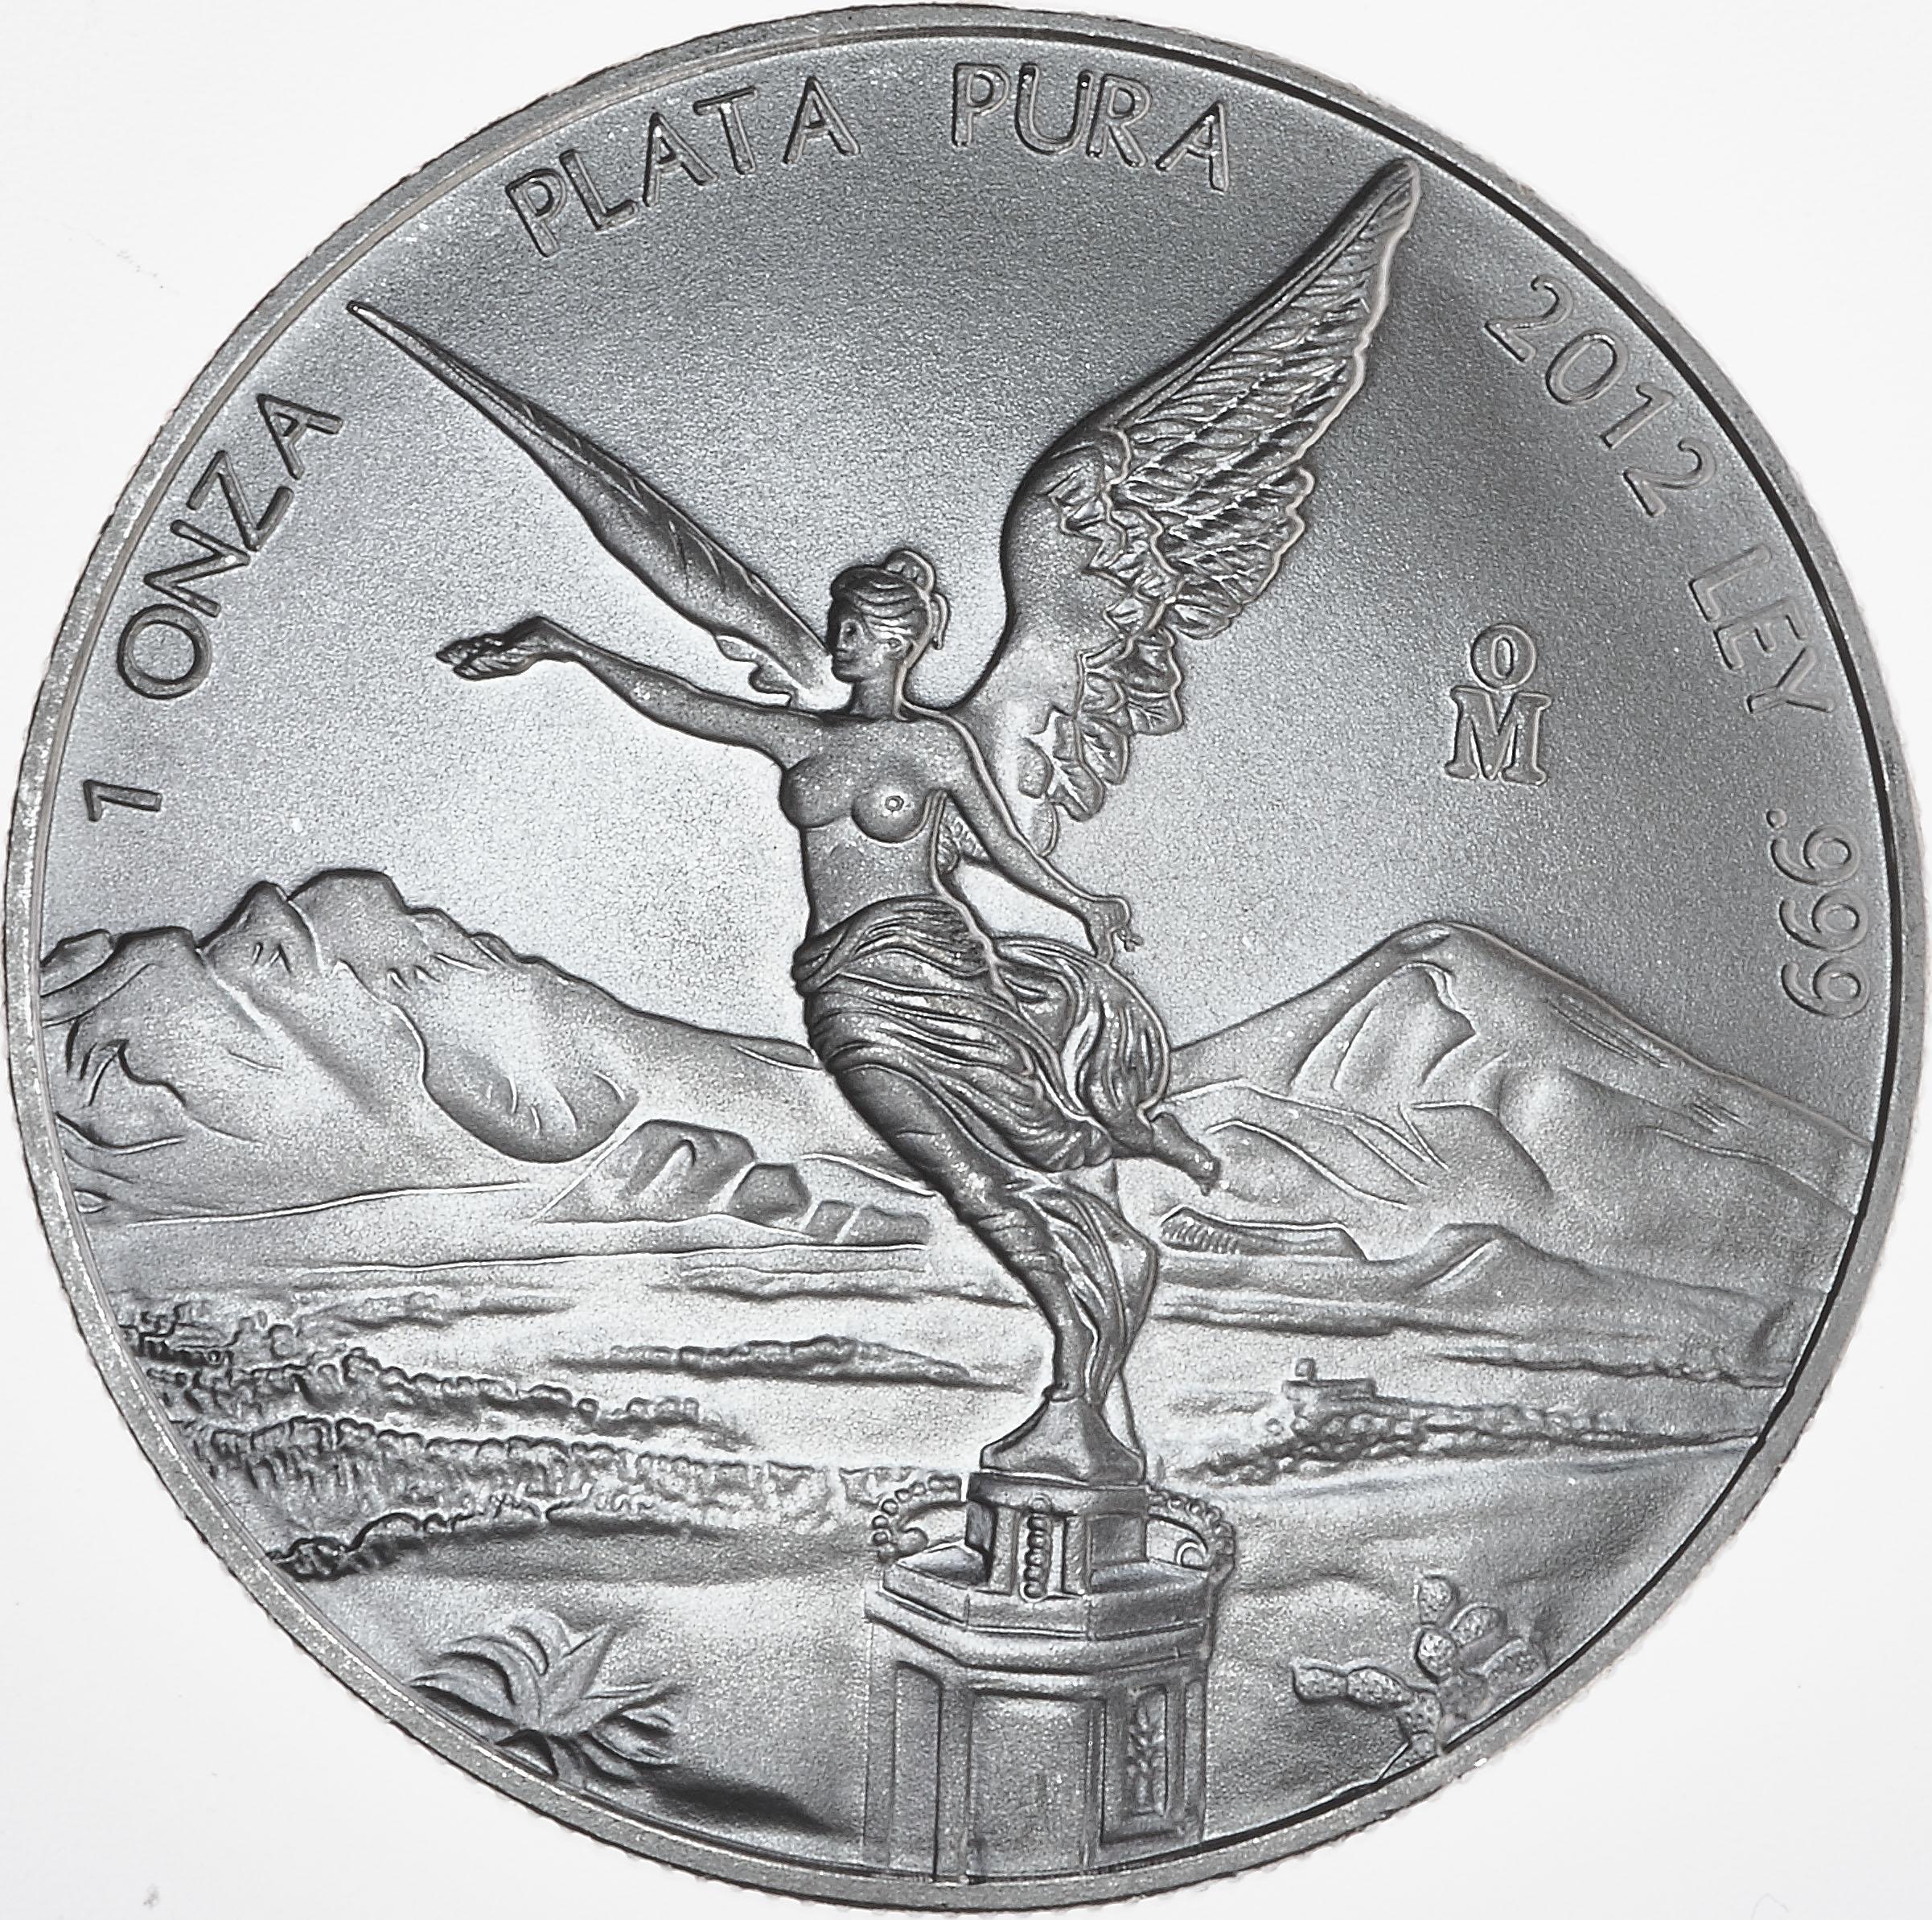 1oz Mexican Libertad Silver Coin 2012